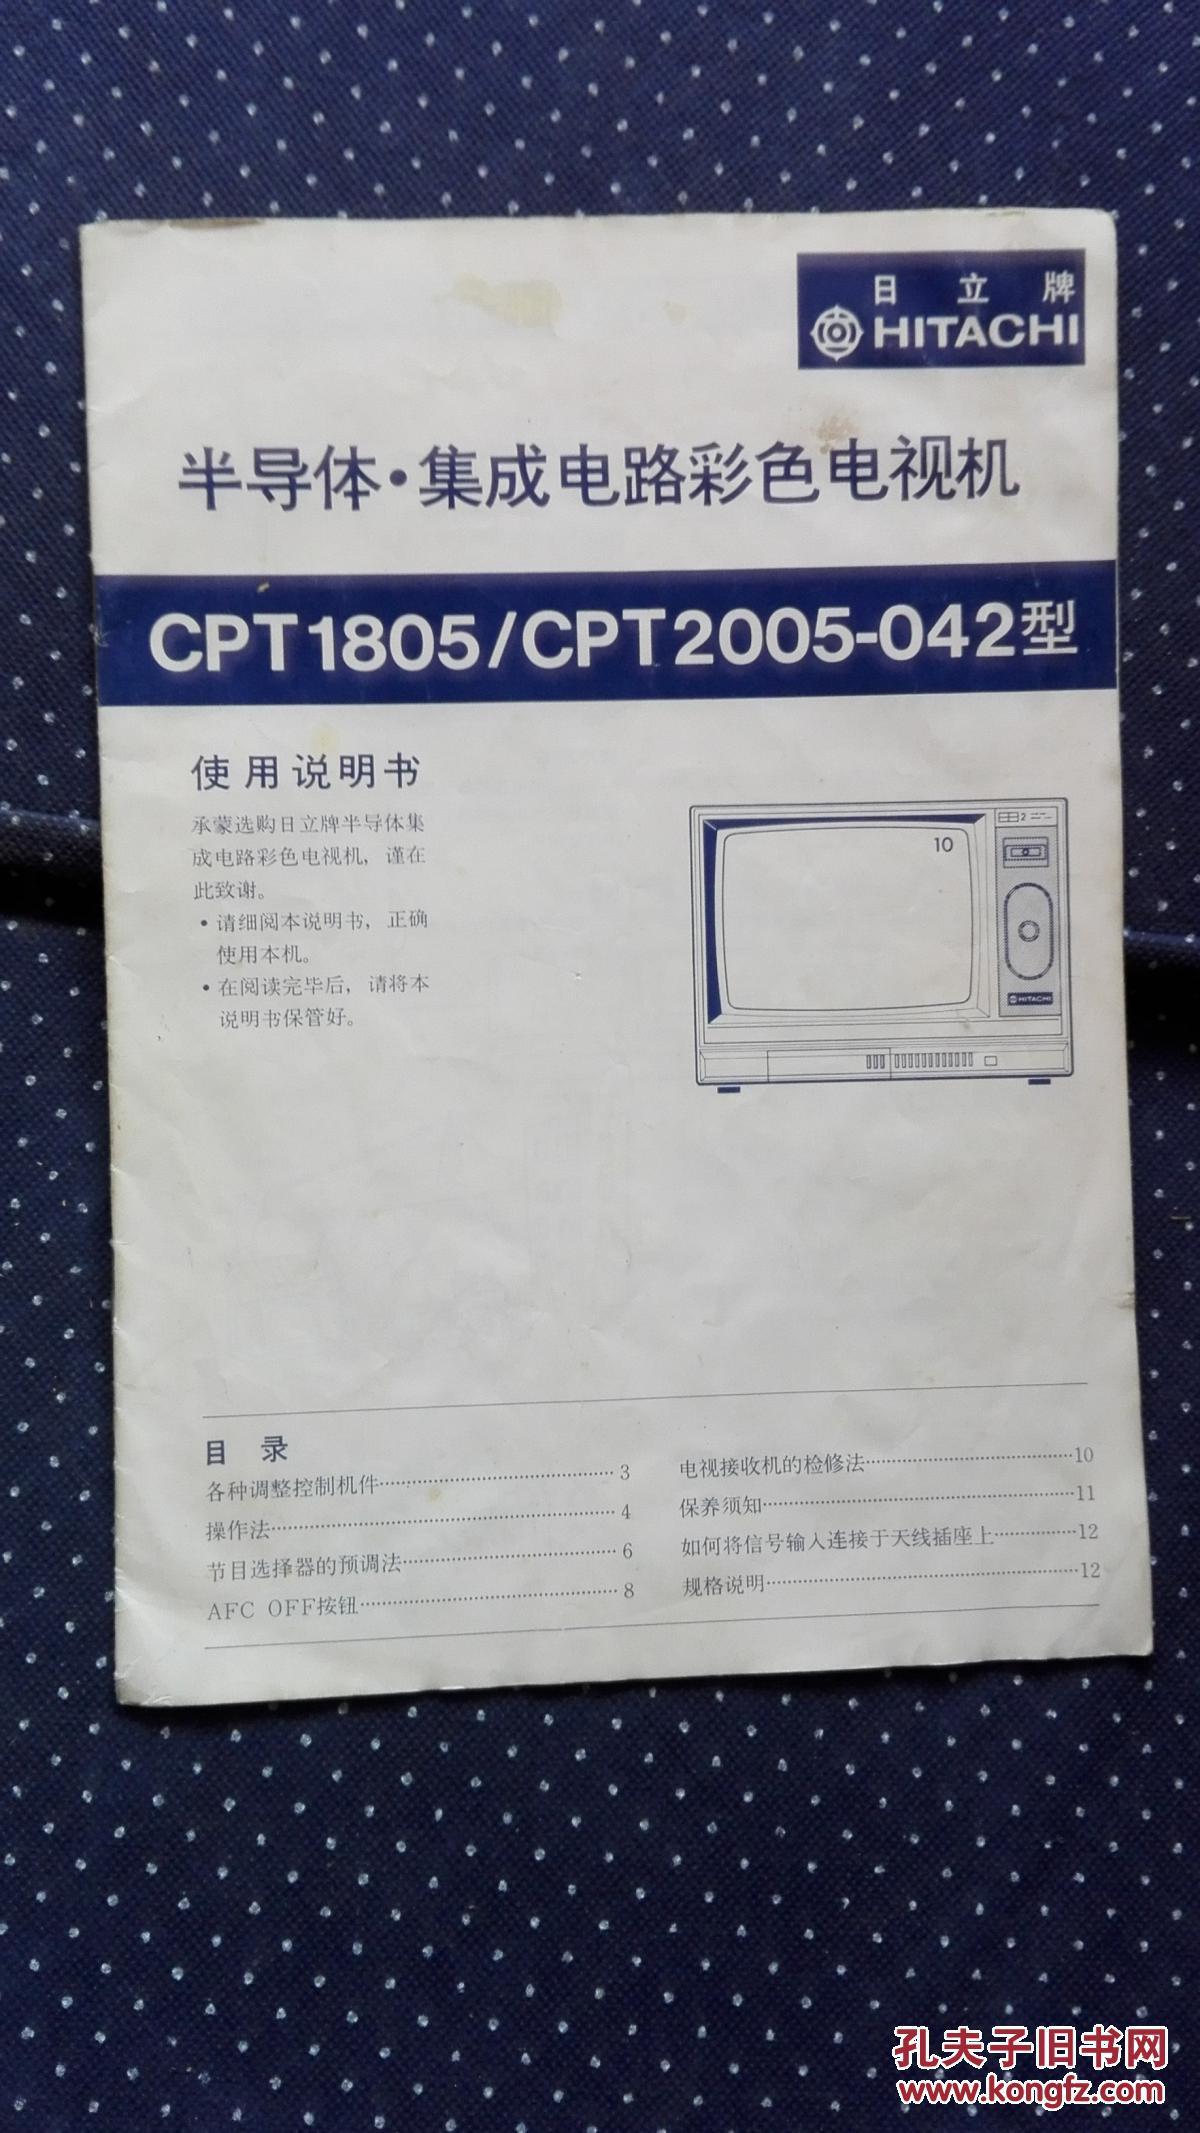 佳能 EOS 450D 使用說明書 光盤附贈 說明書 操作指南 pdf 下載